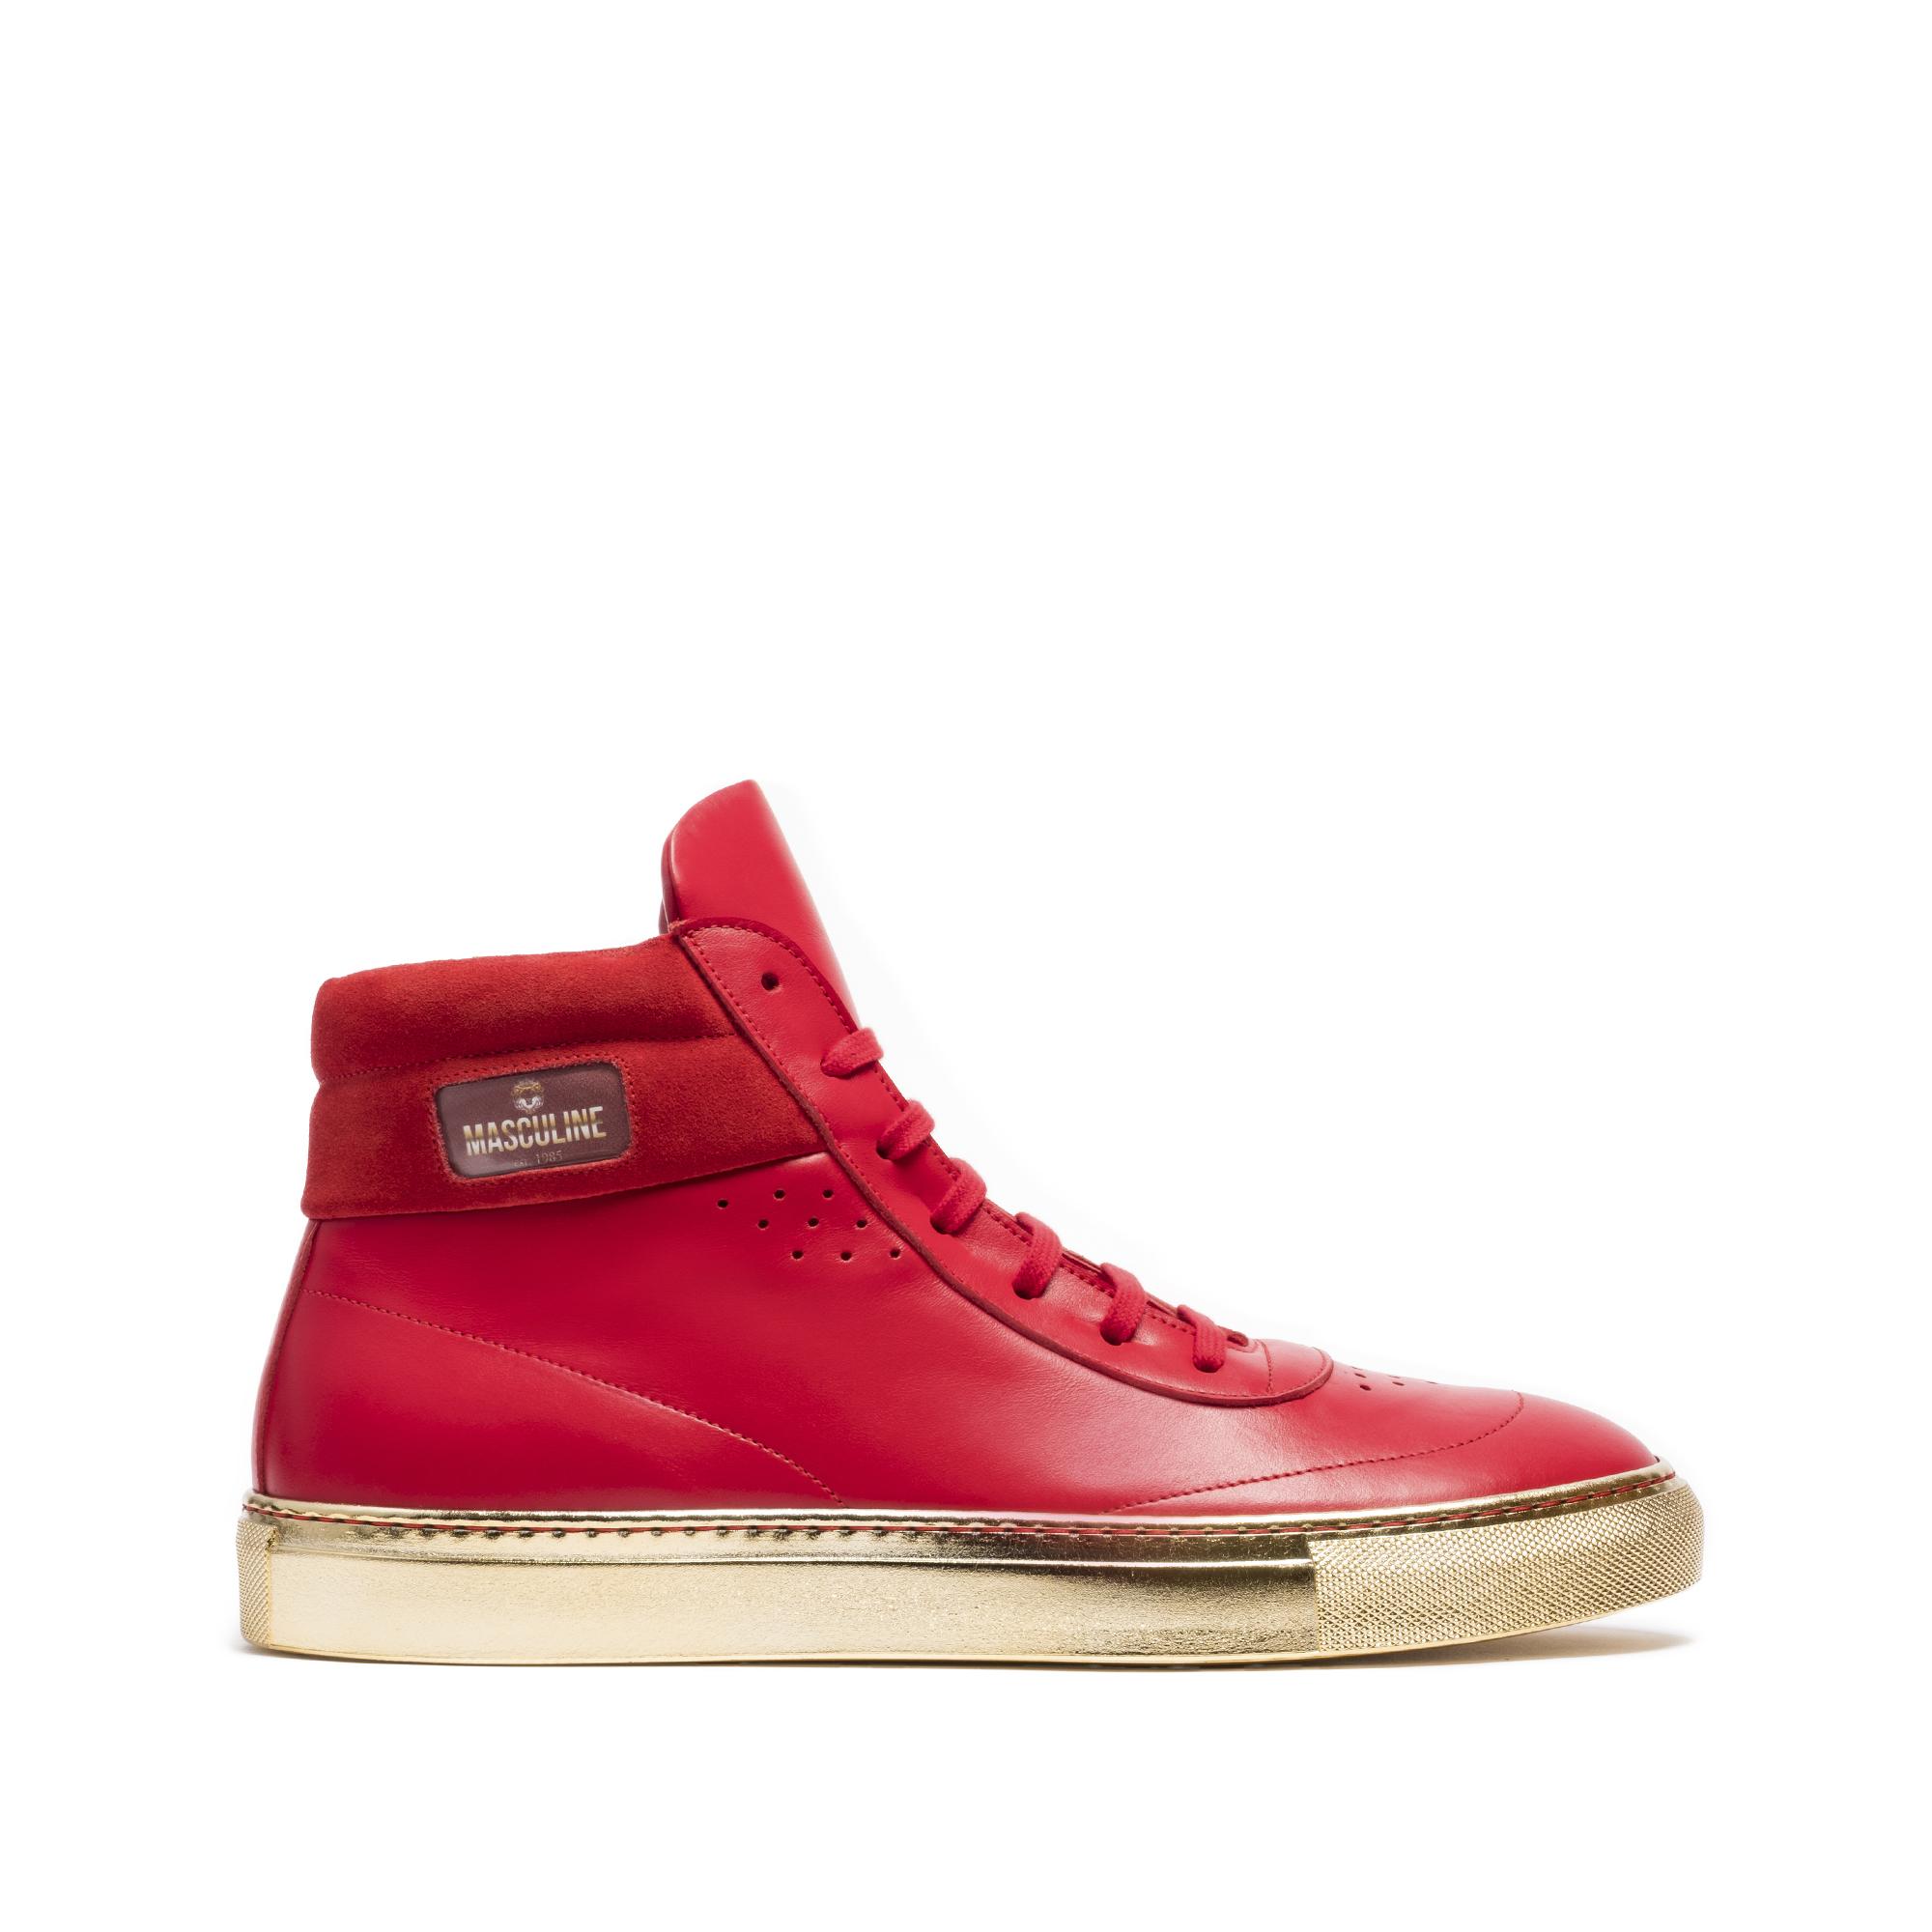 Alive_shoes_still-195-da91cf905de91dfd5405f4cba1b8718